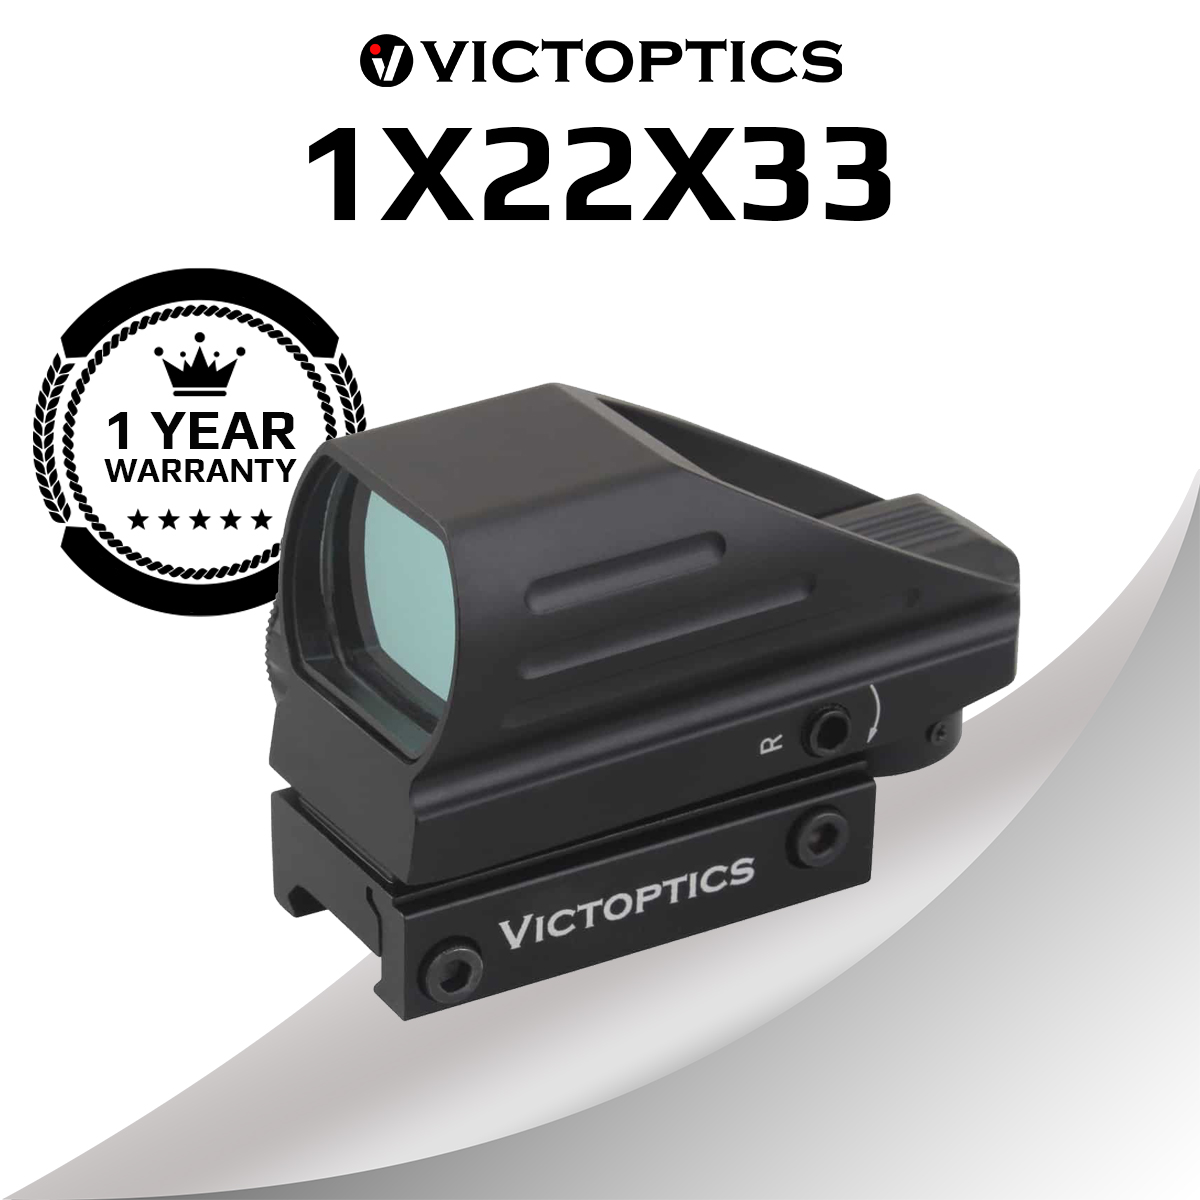 Victoptics 1x22x33 caça red dot sight mira alcance óptico colimador riflescope para armas de fogo reais ar15. 223 & airsoft tiro